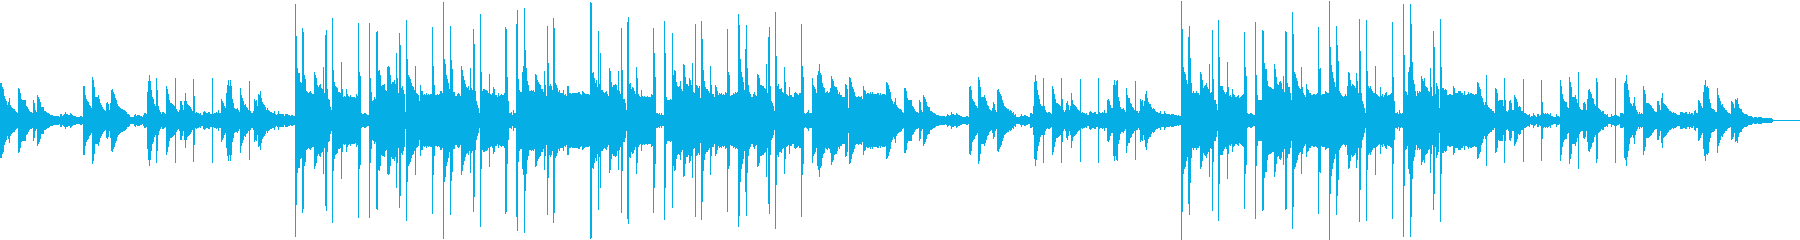 【チル系】王道Lo-Fi HipHopの再生済みの波形